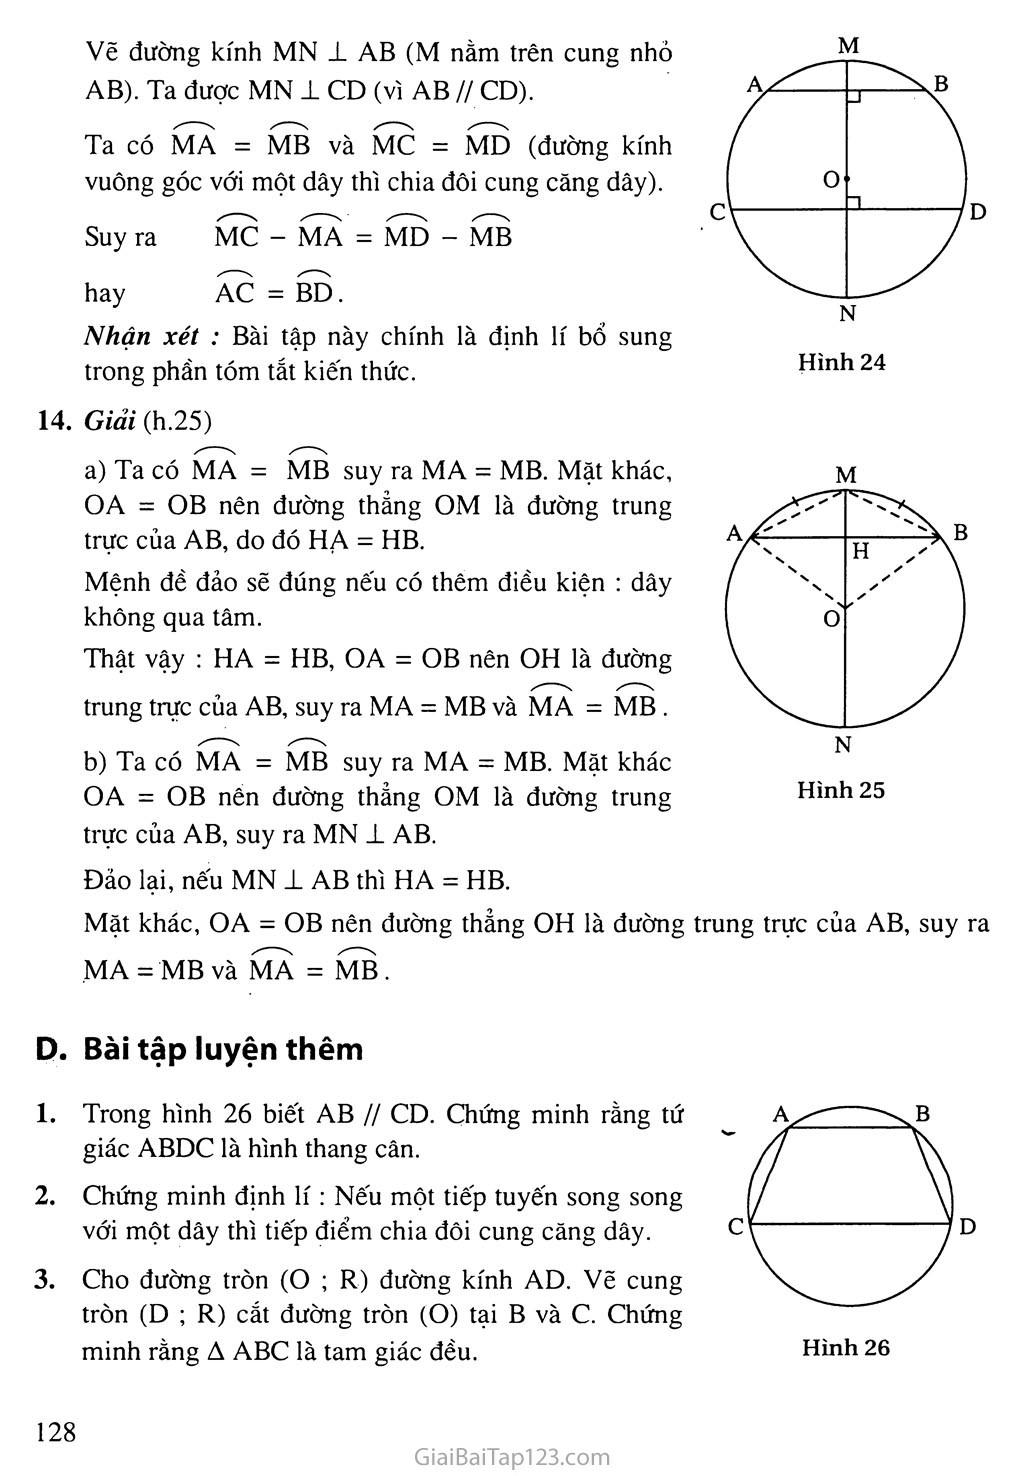 Bài 2. Liên hệ giữa cung và đây trang 4